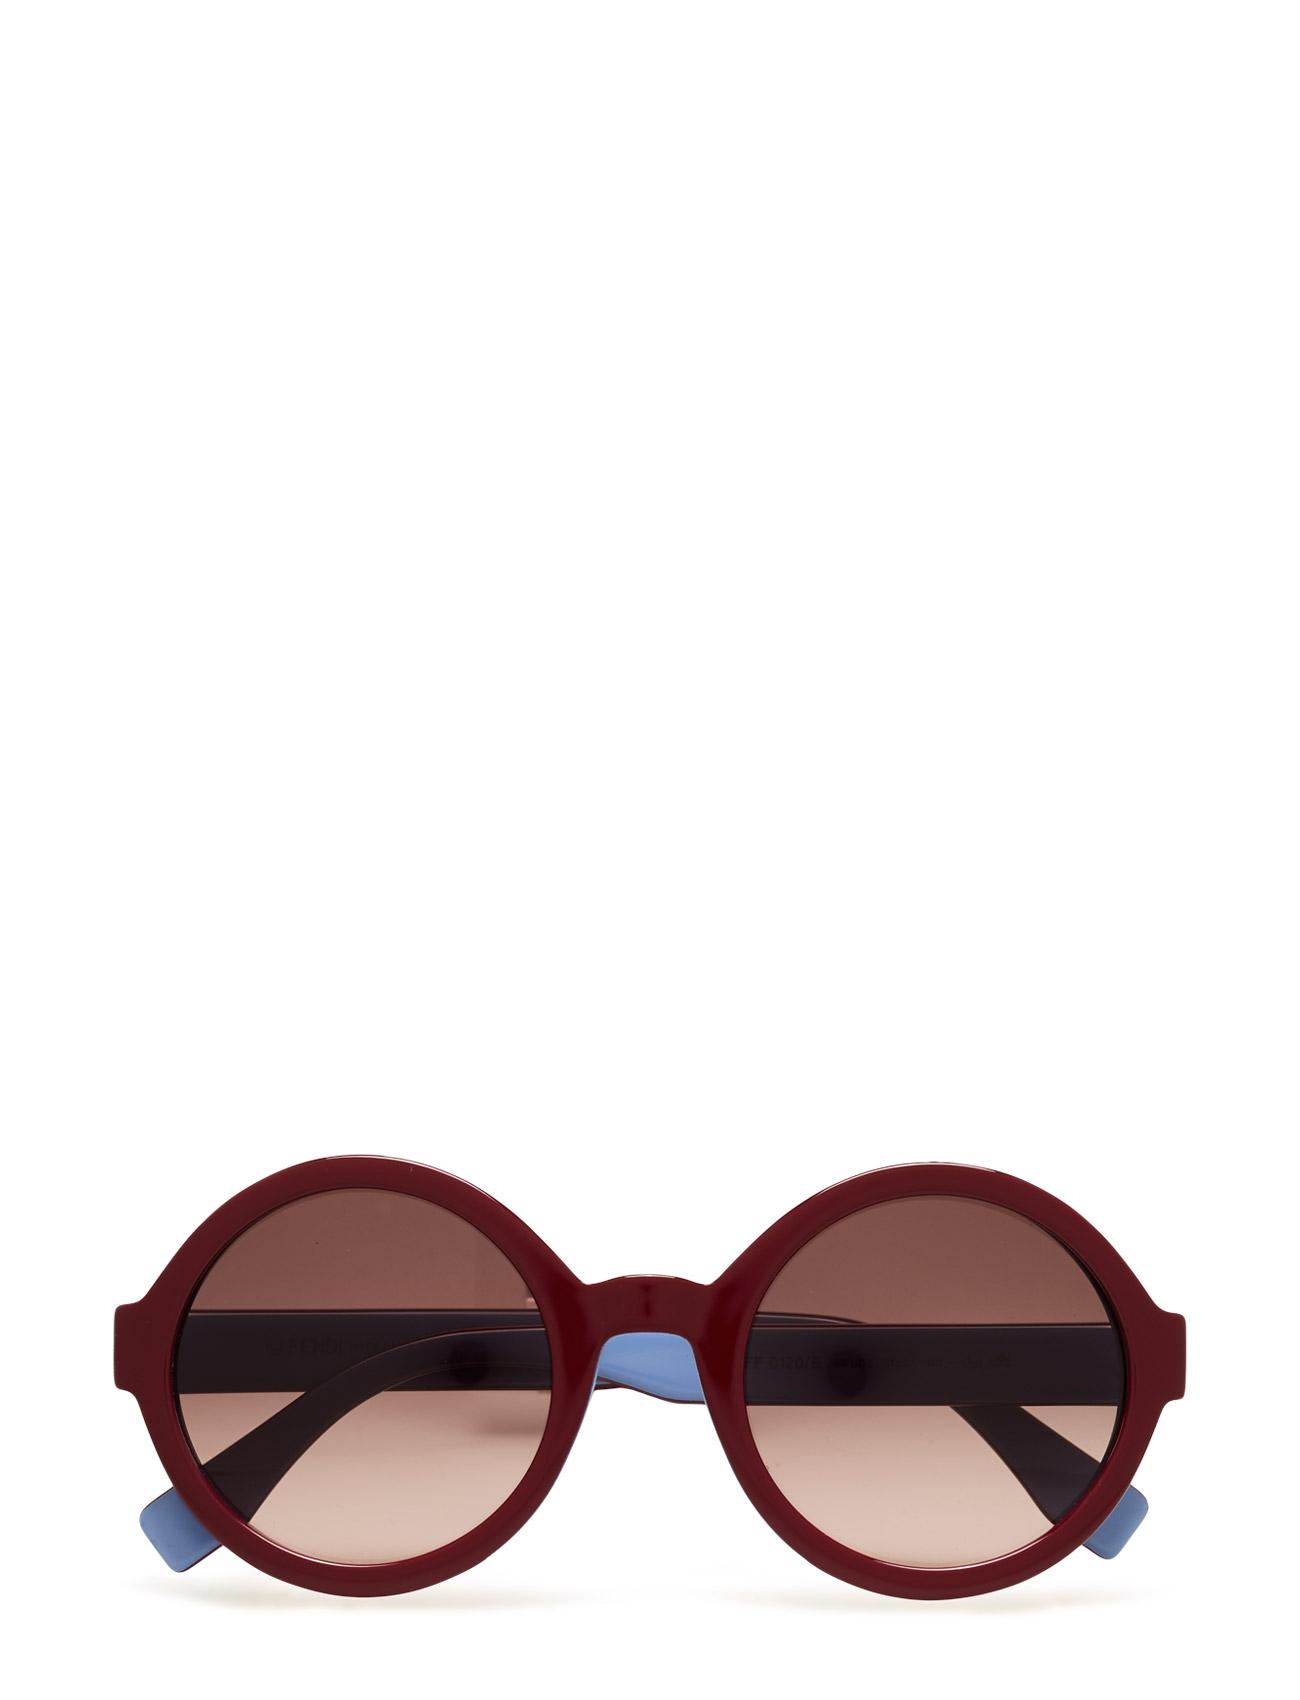 fendi eyewear cef8  fendi eyewear